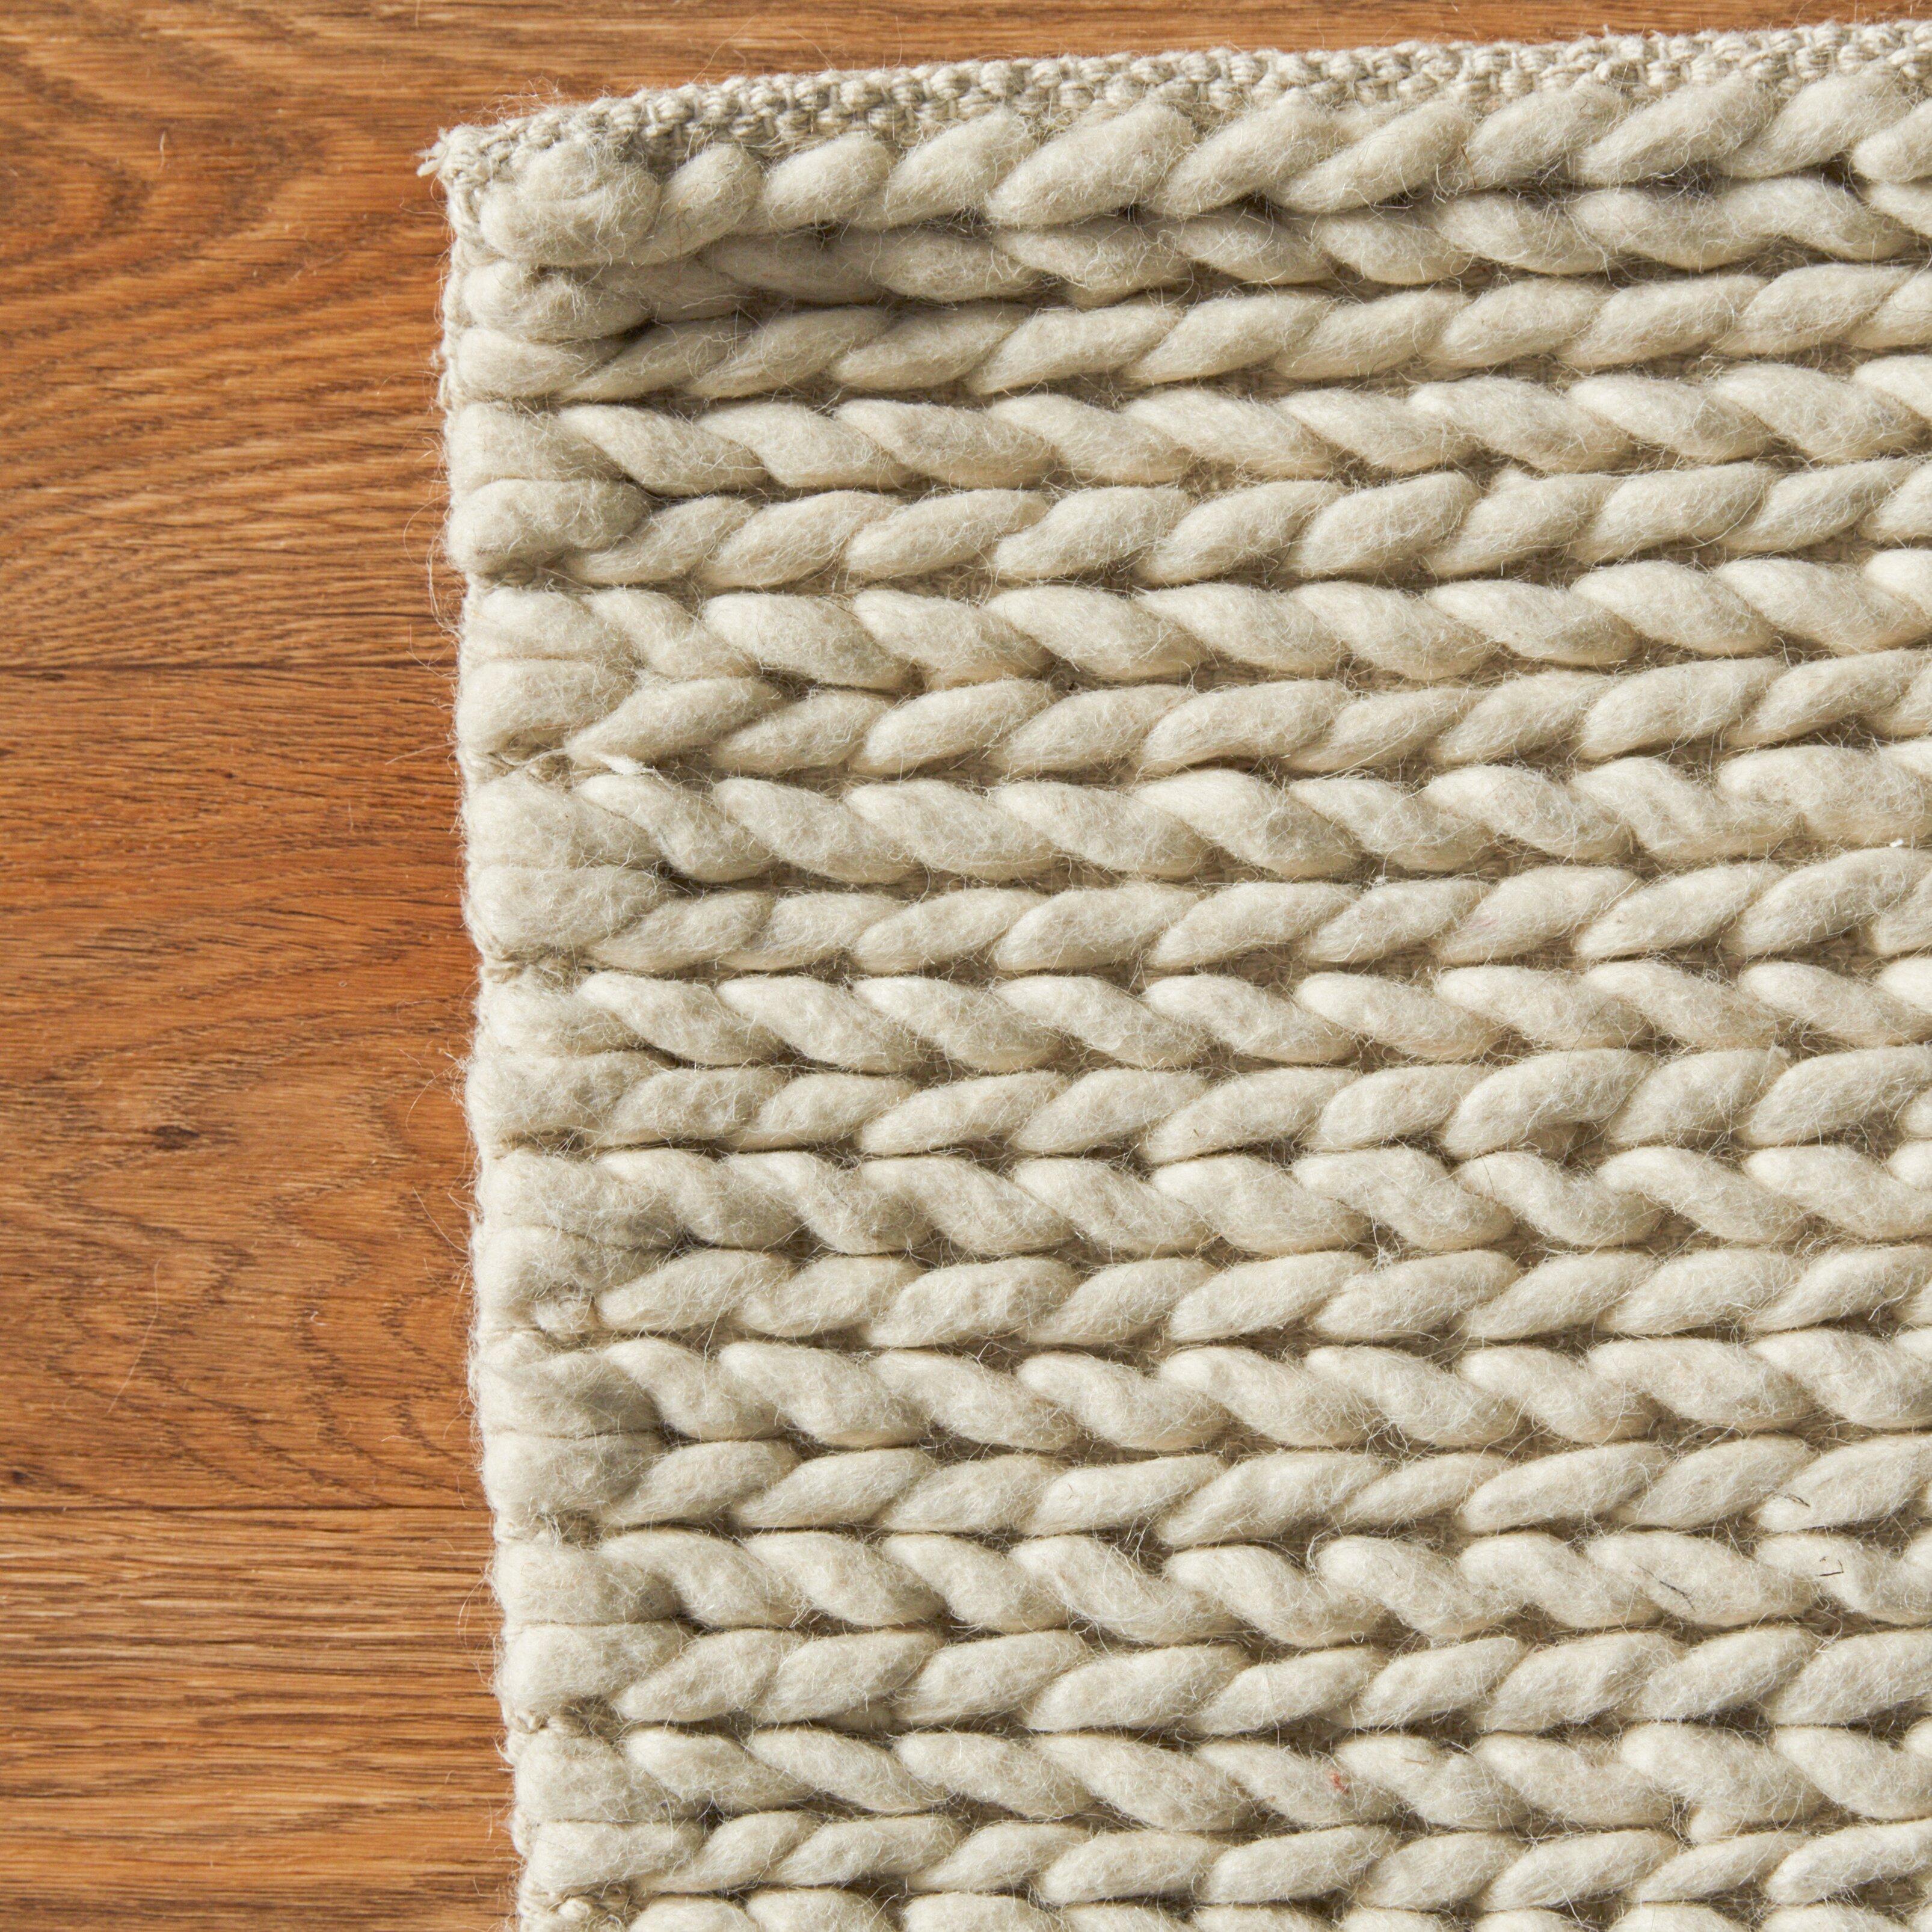 Bungalow Rose Zayan Meika Ivory Chunky Wool Cable Area Rug  : Bungalow Rose Zayan Meika Ivory Chunky Wool Cable Area Rug BNGL4797 from www.wayfair.com size 3212 x 3212 jpeg 3141kB